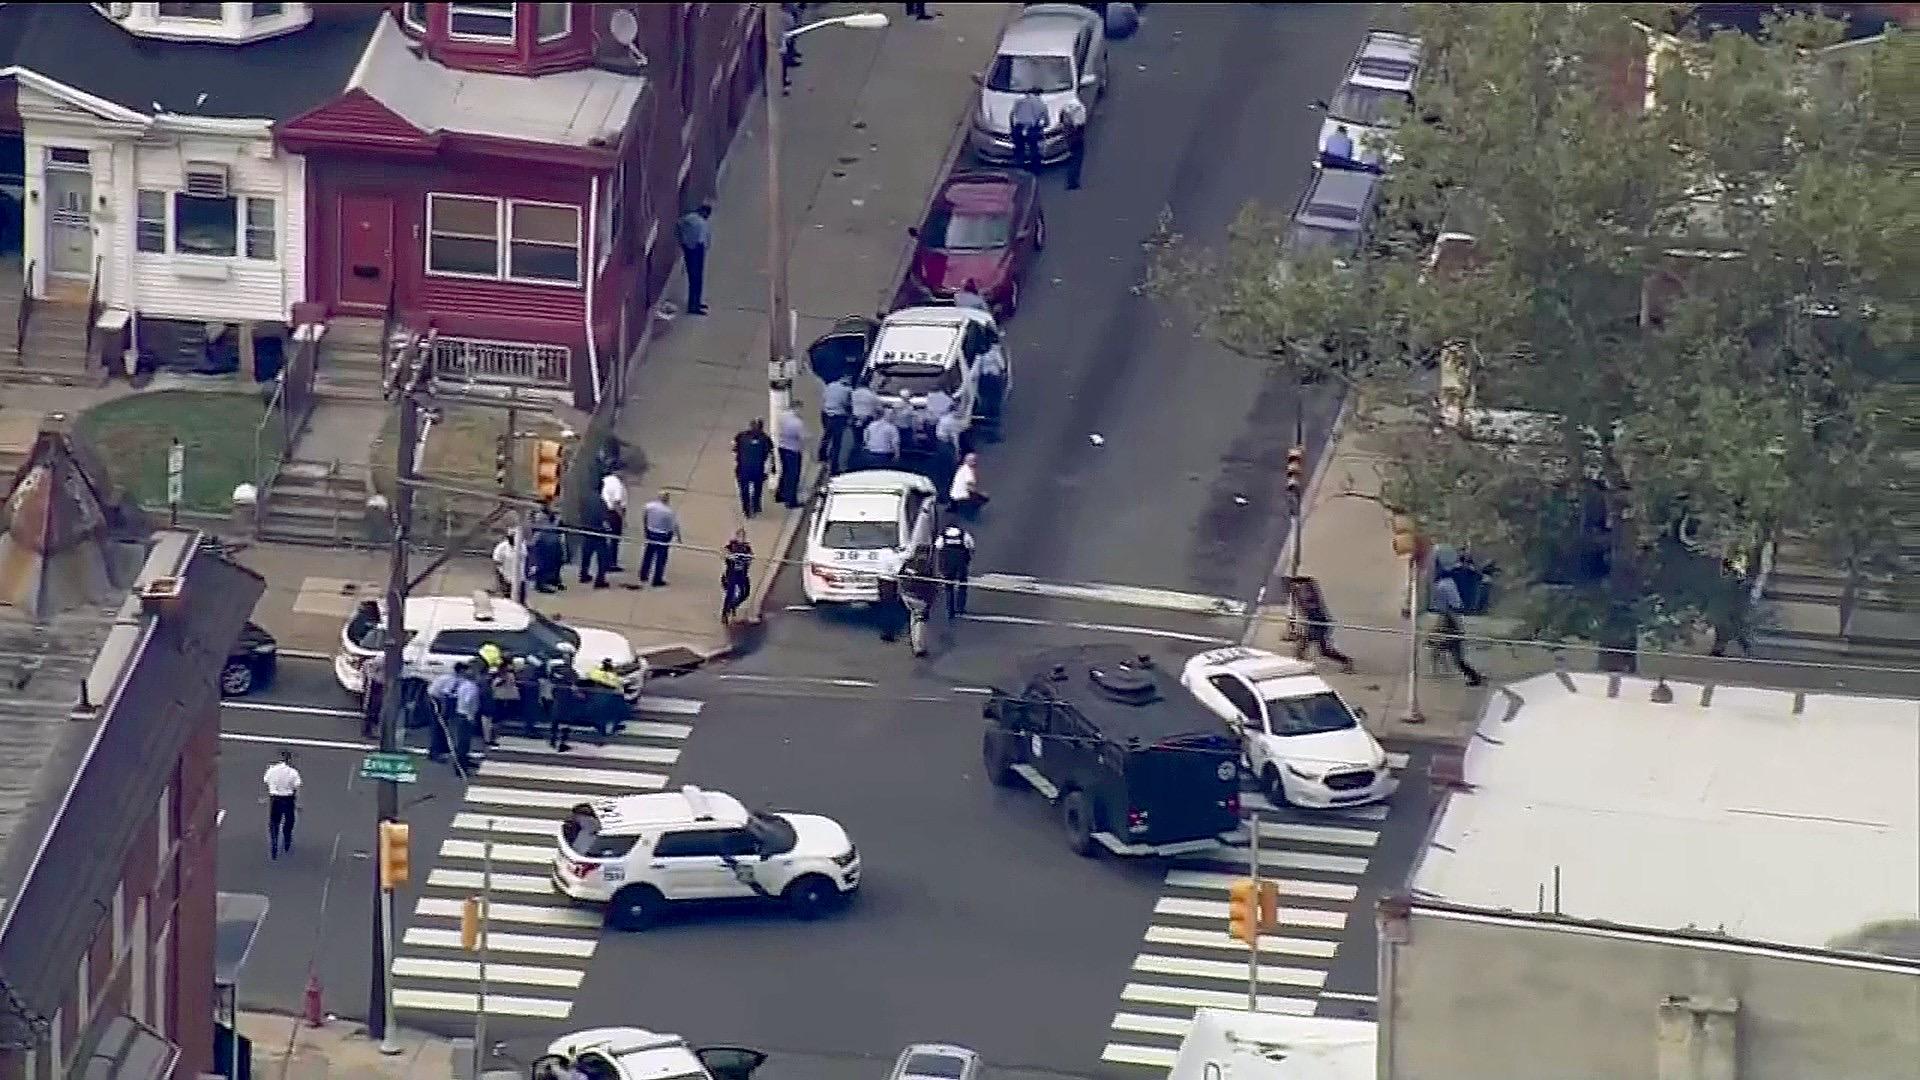 Двое погибли и четверо ранены в результате двух инцидентов со стрельбой в Филадельфии